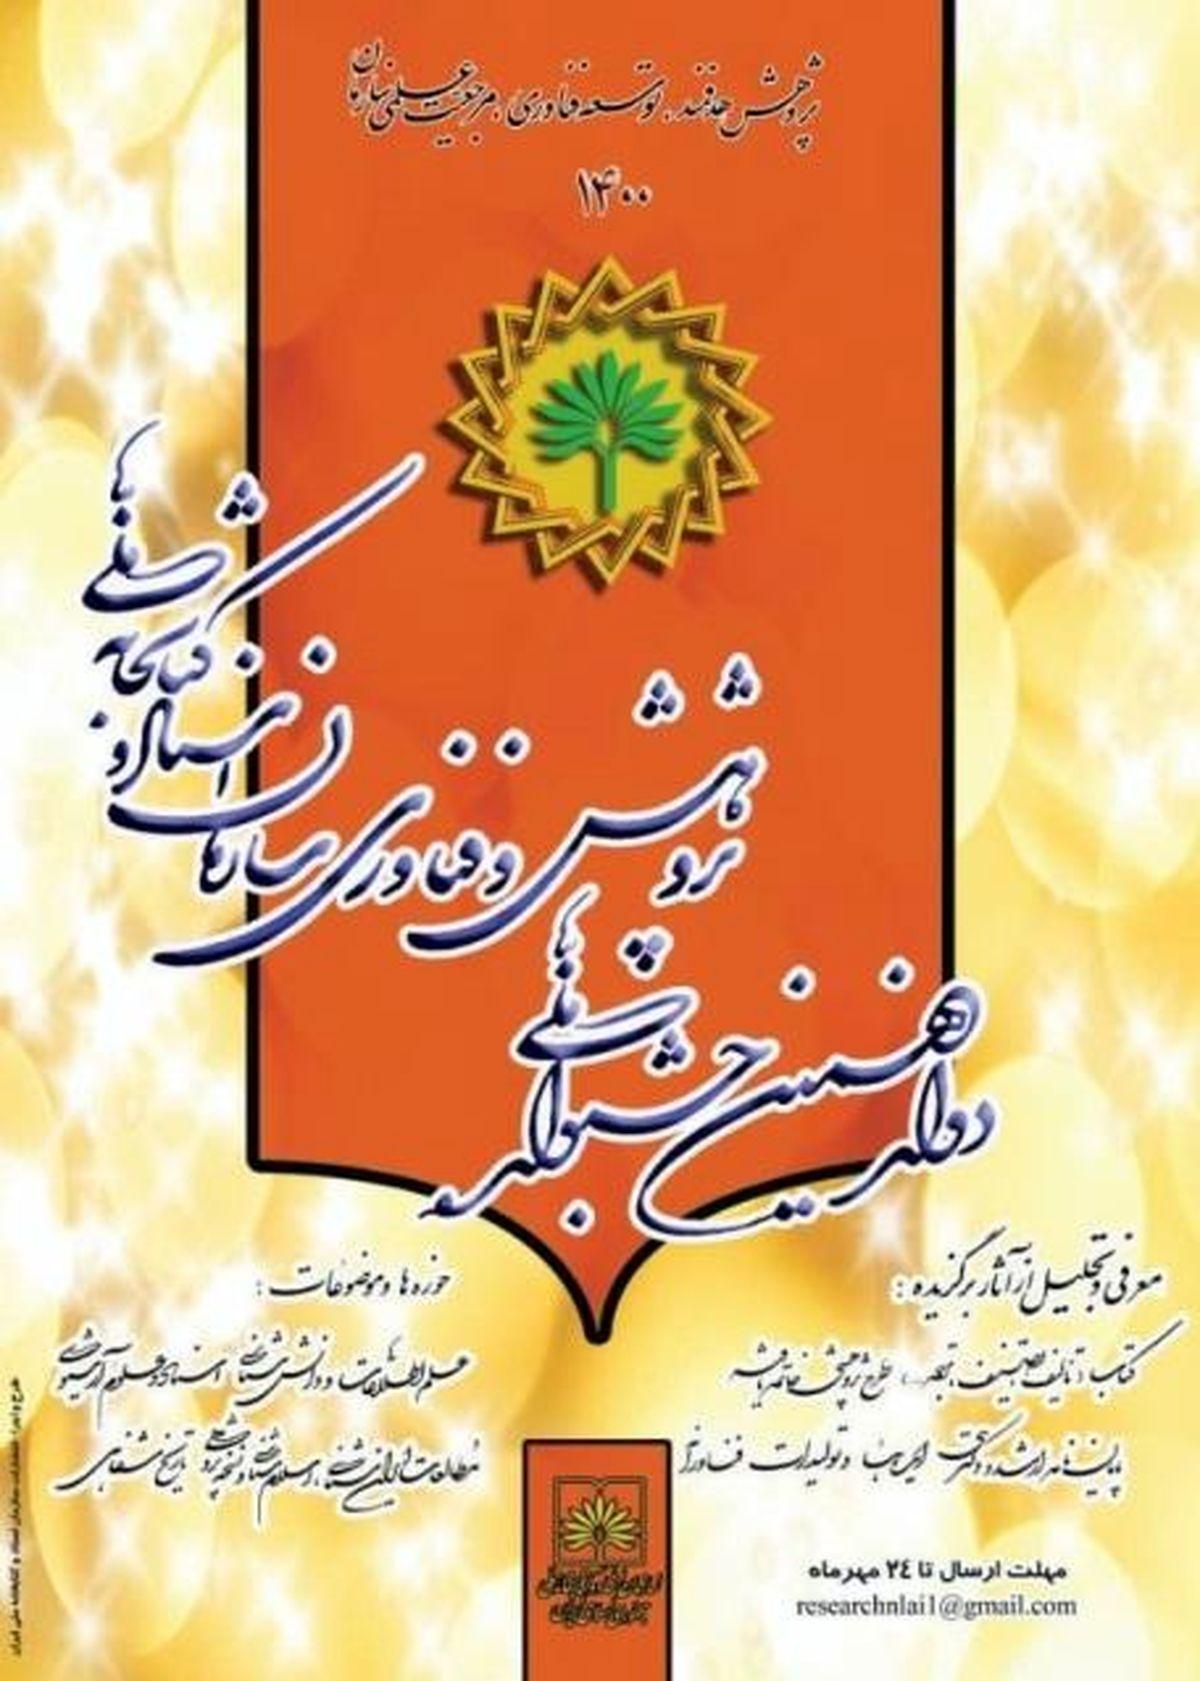 دوازدهمین جشنواره ملی پژوهش و فناوری سازمان اسناد و کتابخانه ملی ایران برگزار می شود